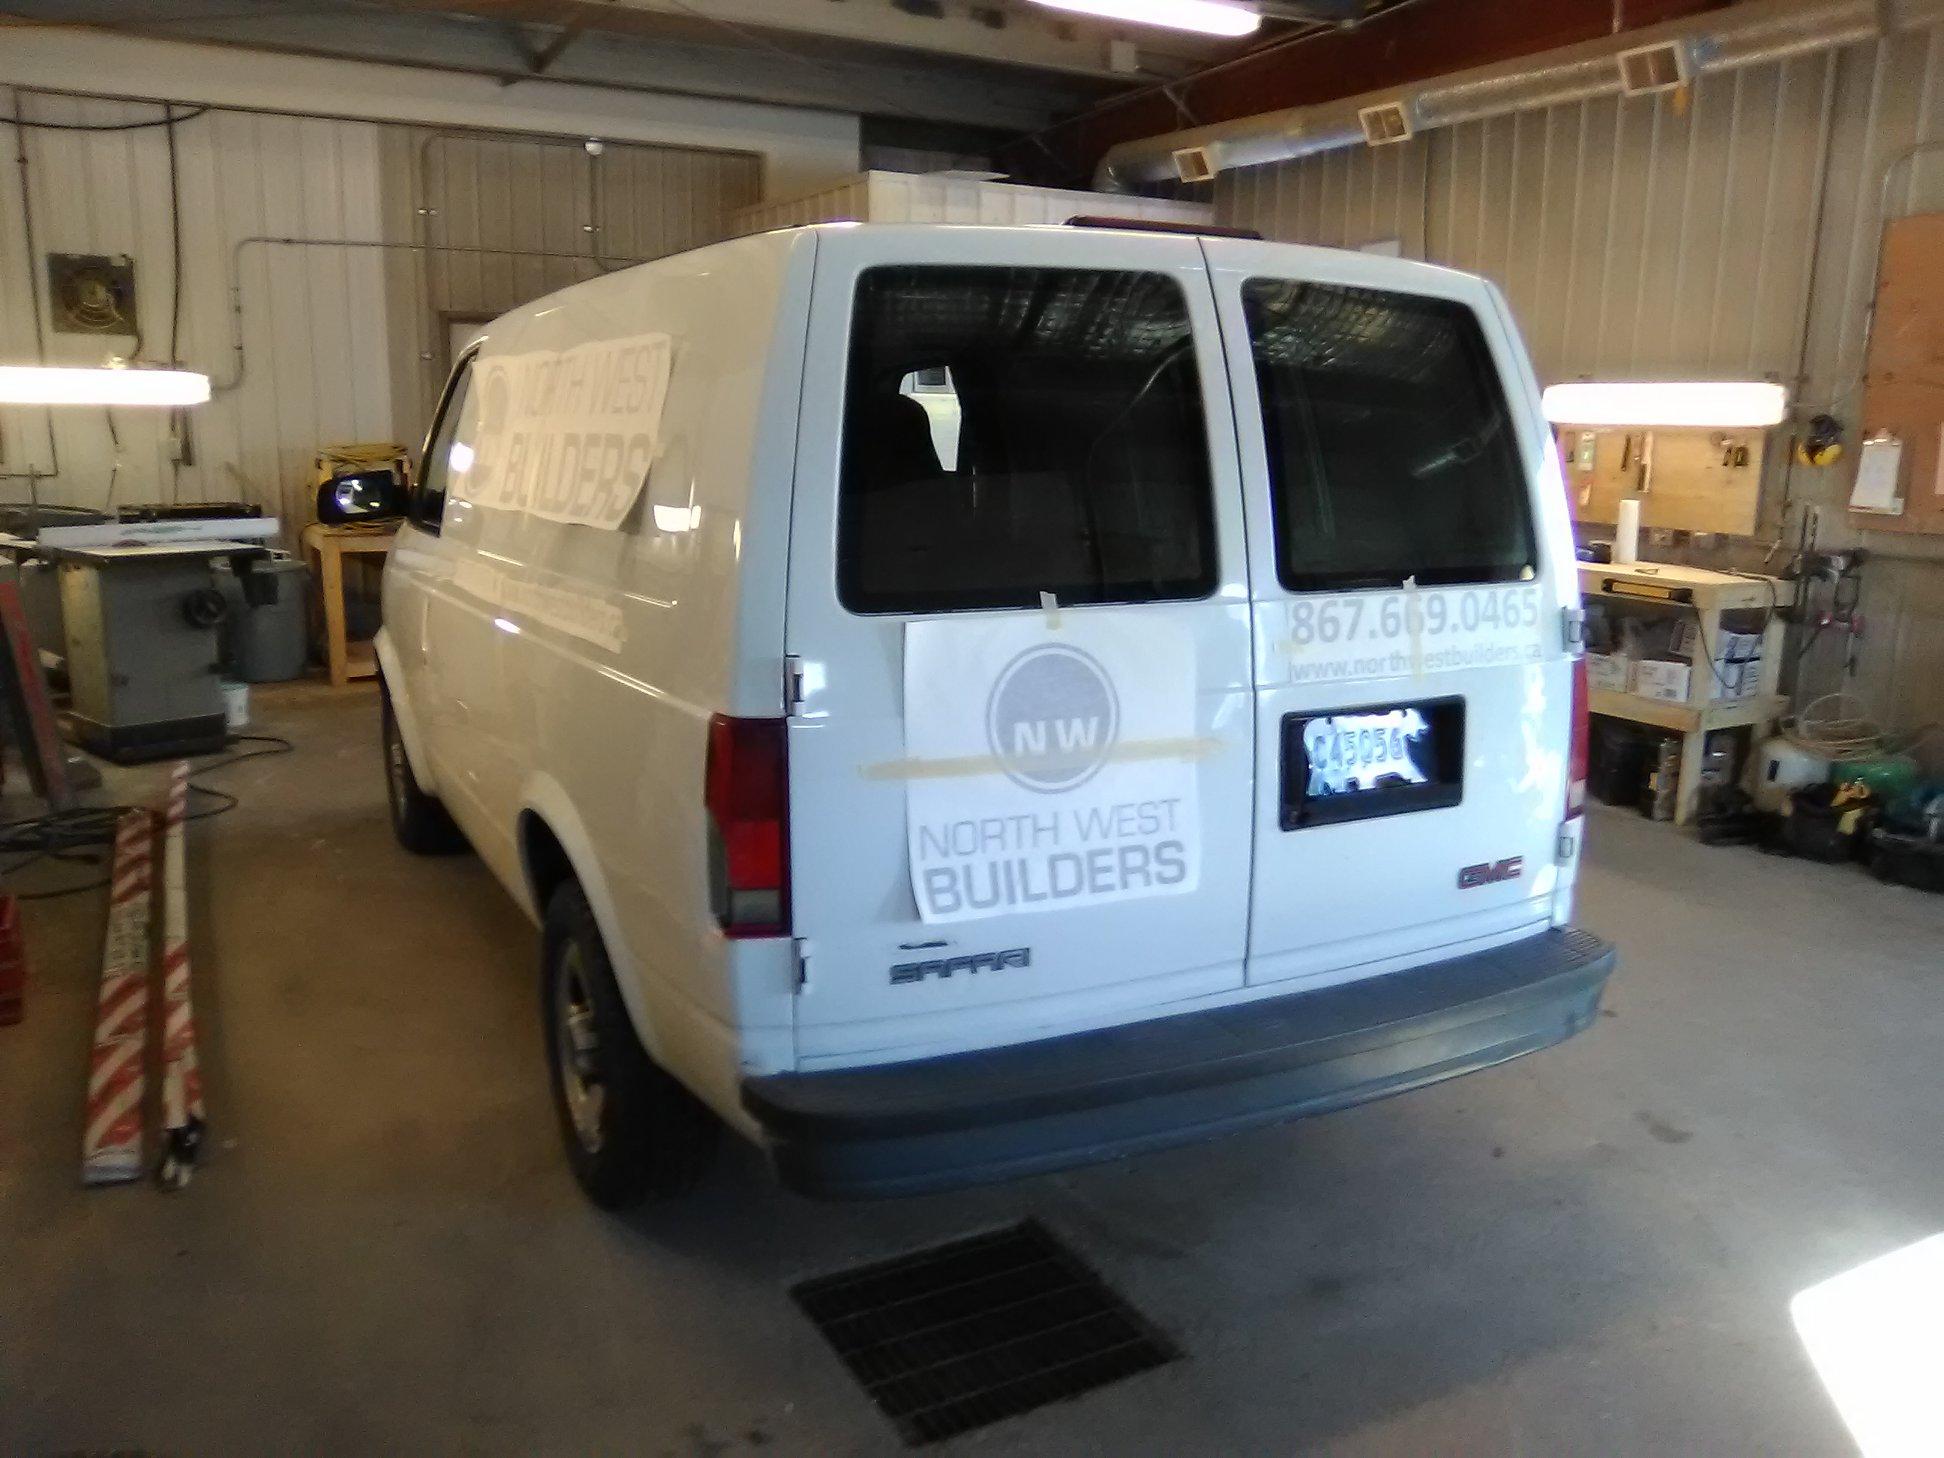 Vehicle decals for Northwest Builders fleet.